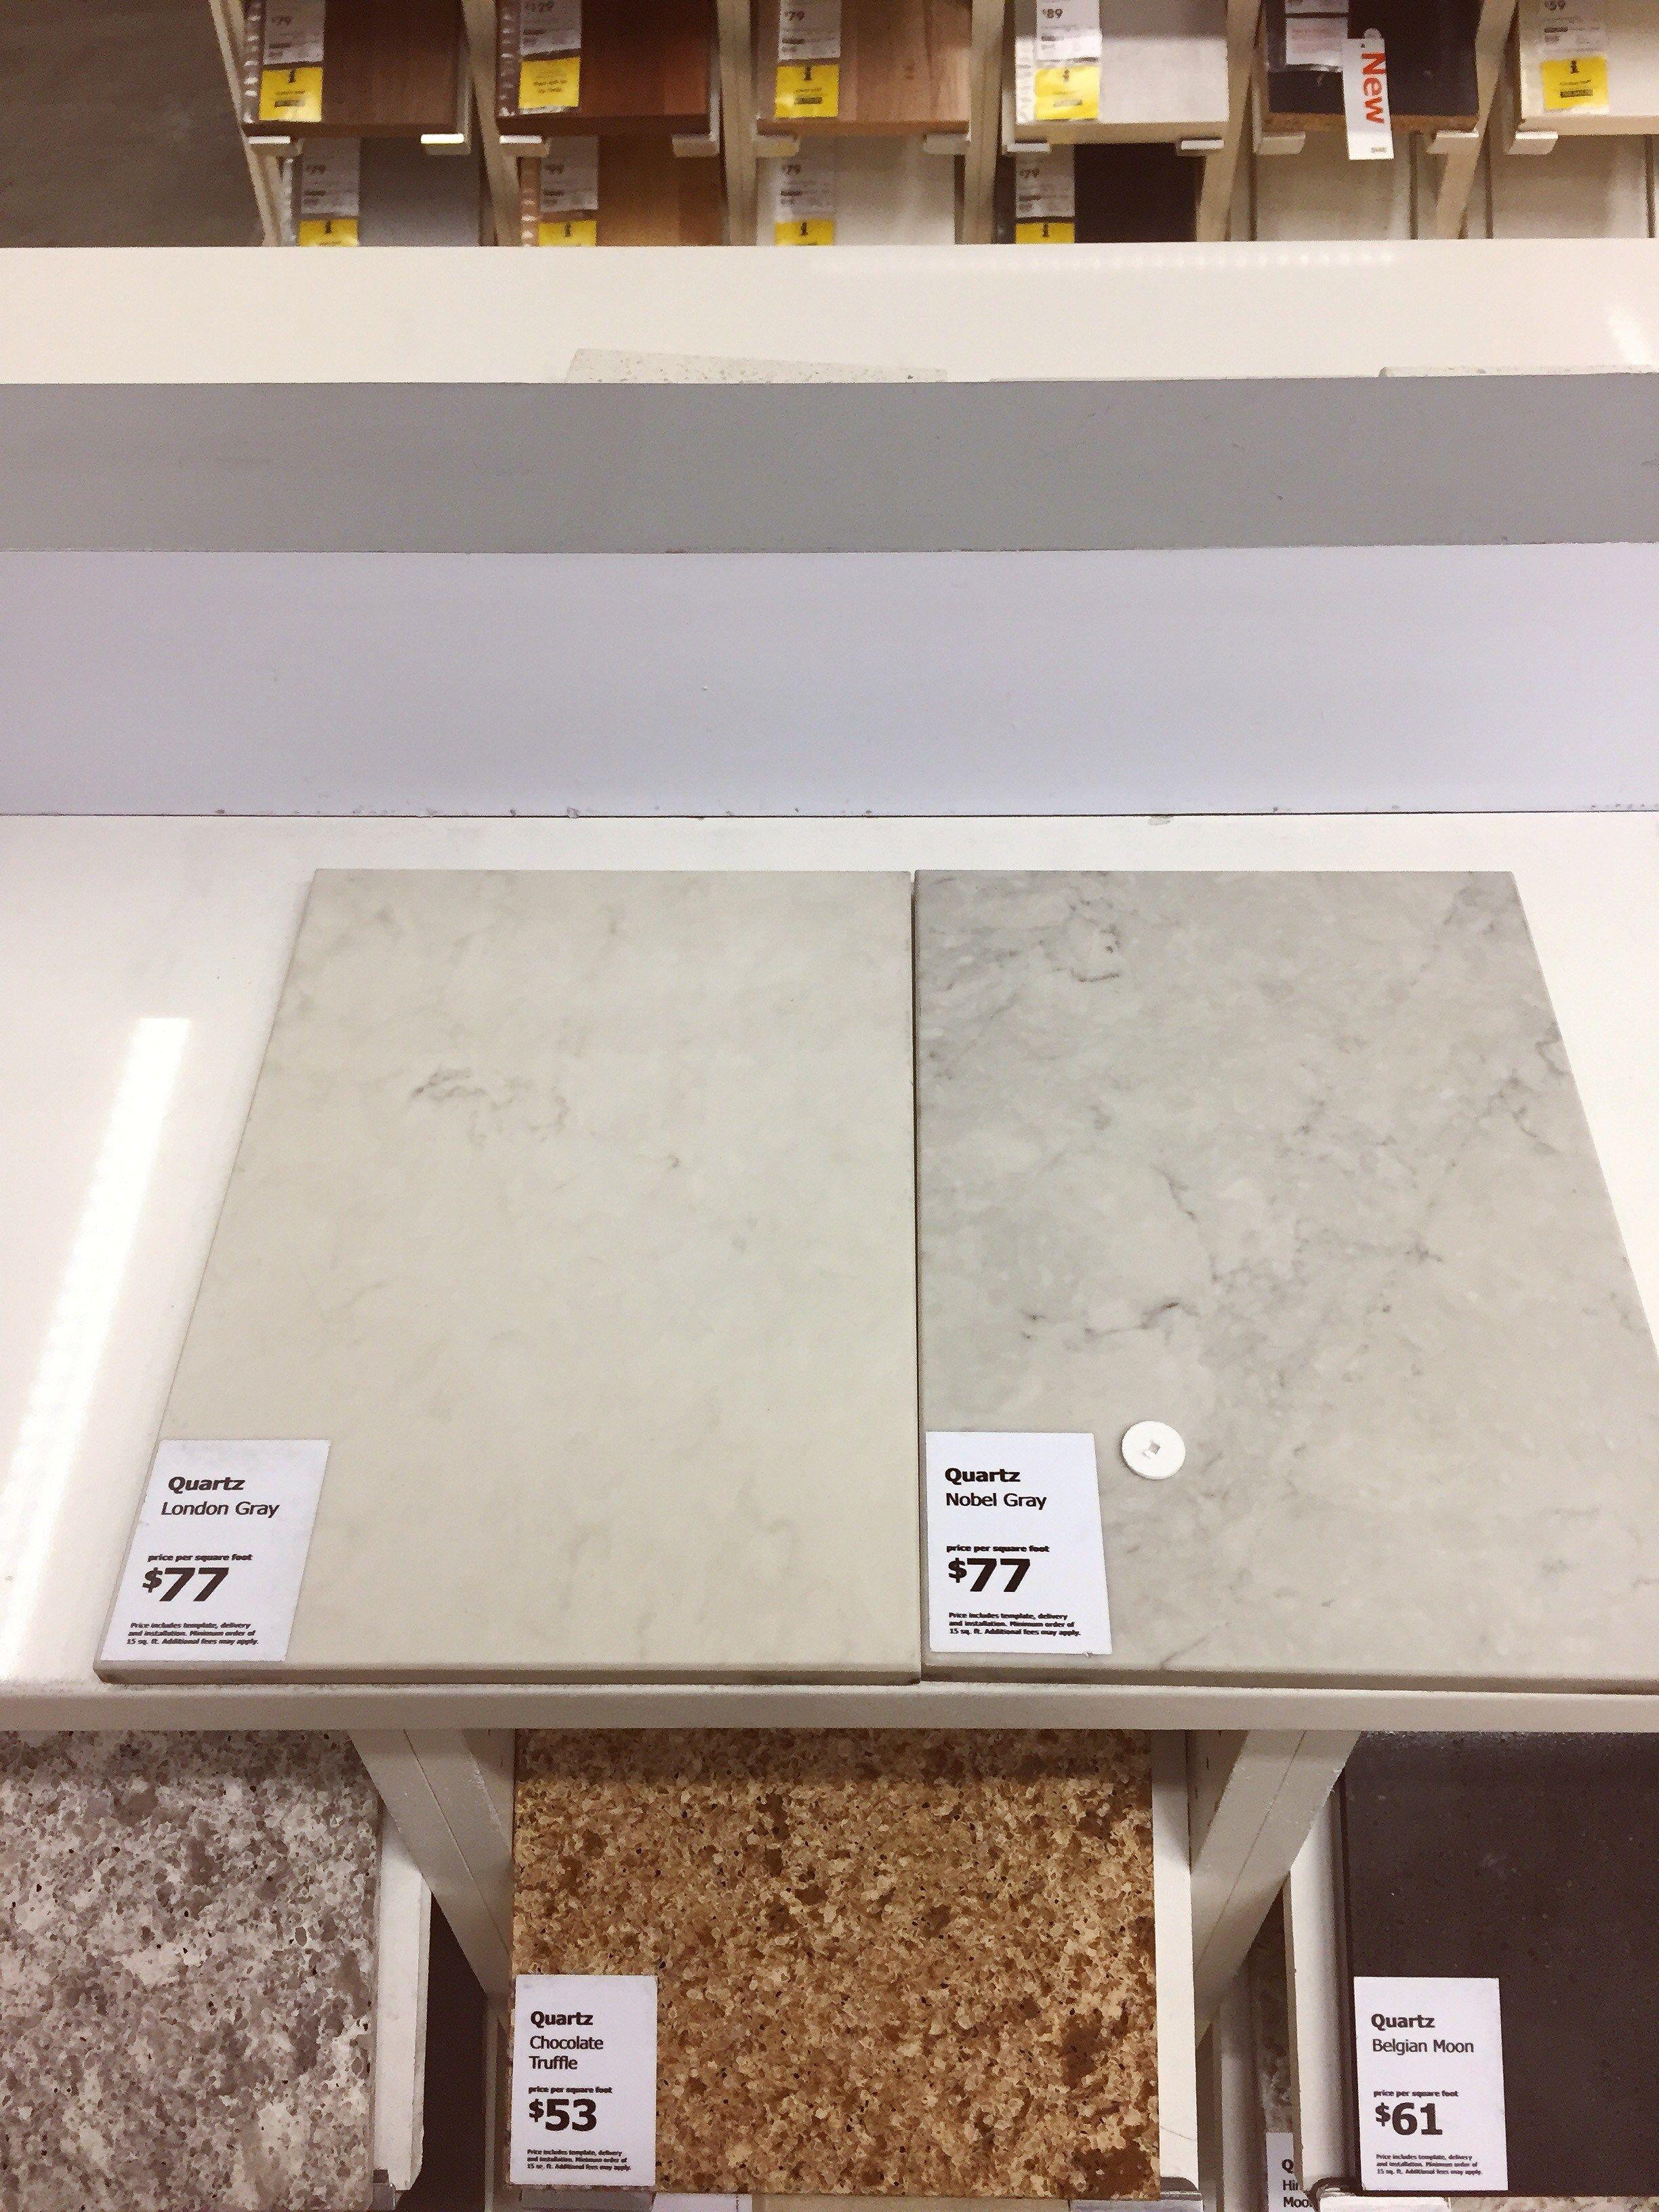 London Grey Vs Nobel Grey Caesarstone Countertops In